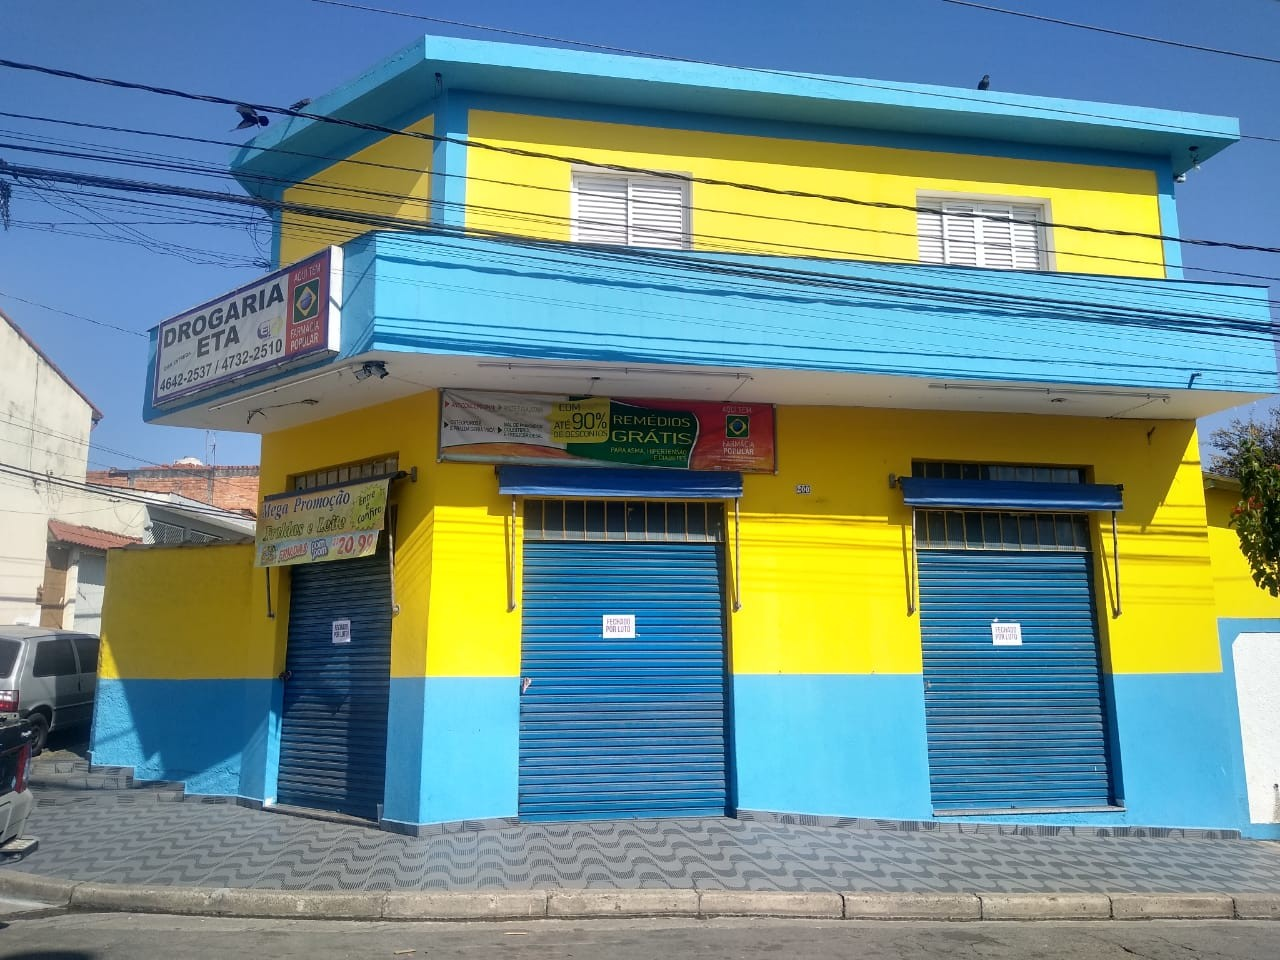 Suspeito de participar de latrocínio em farmácia de Itaquaquecetuba é identificado pelo Setor de Homicídios